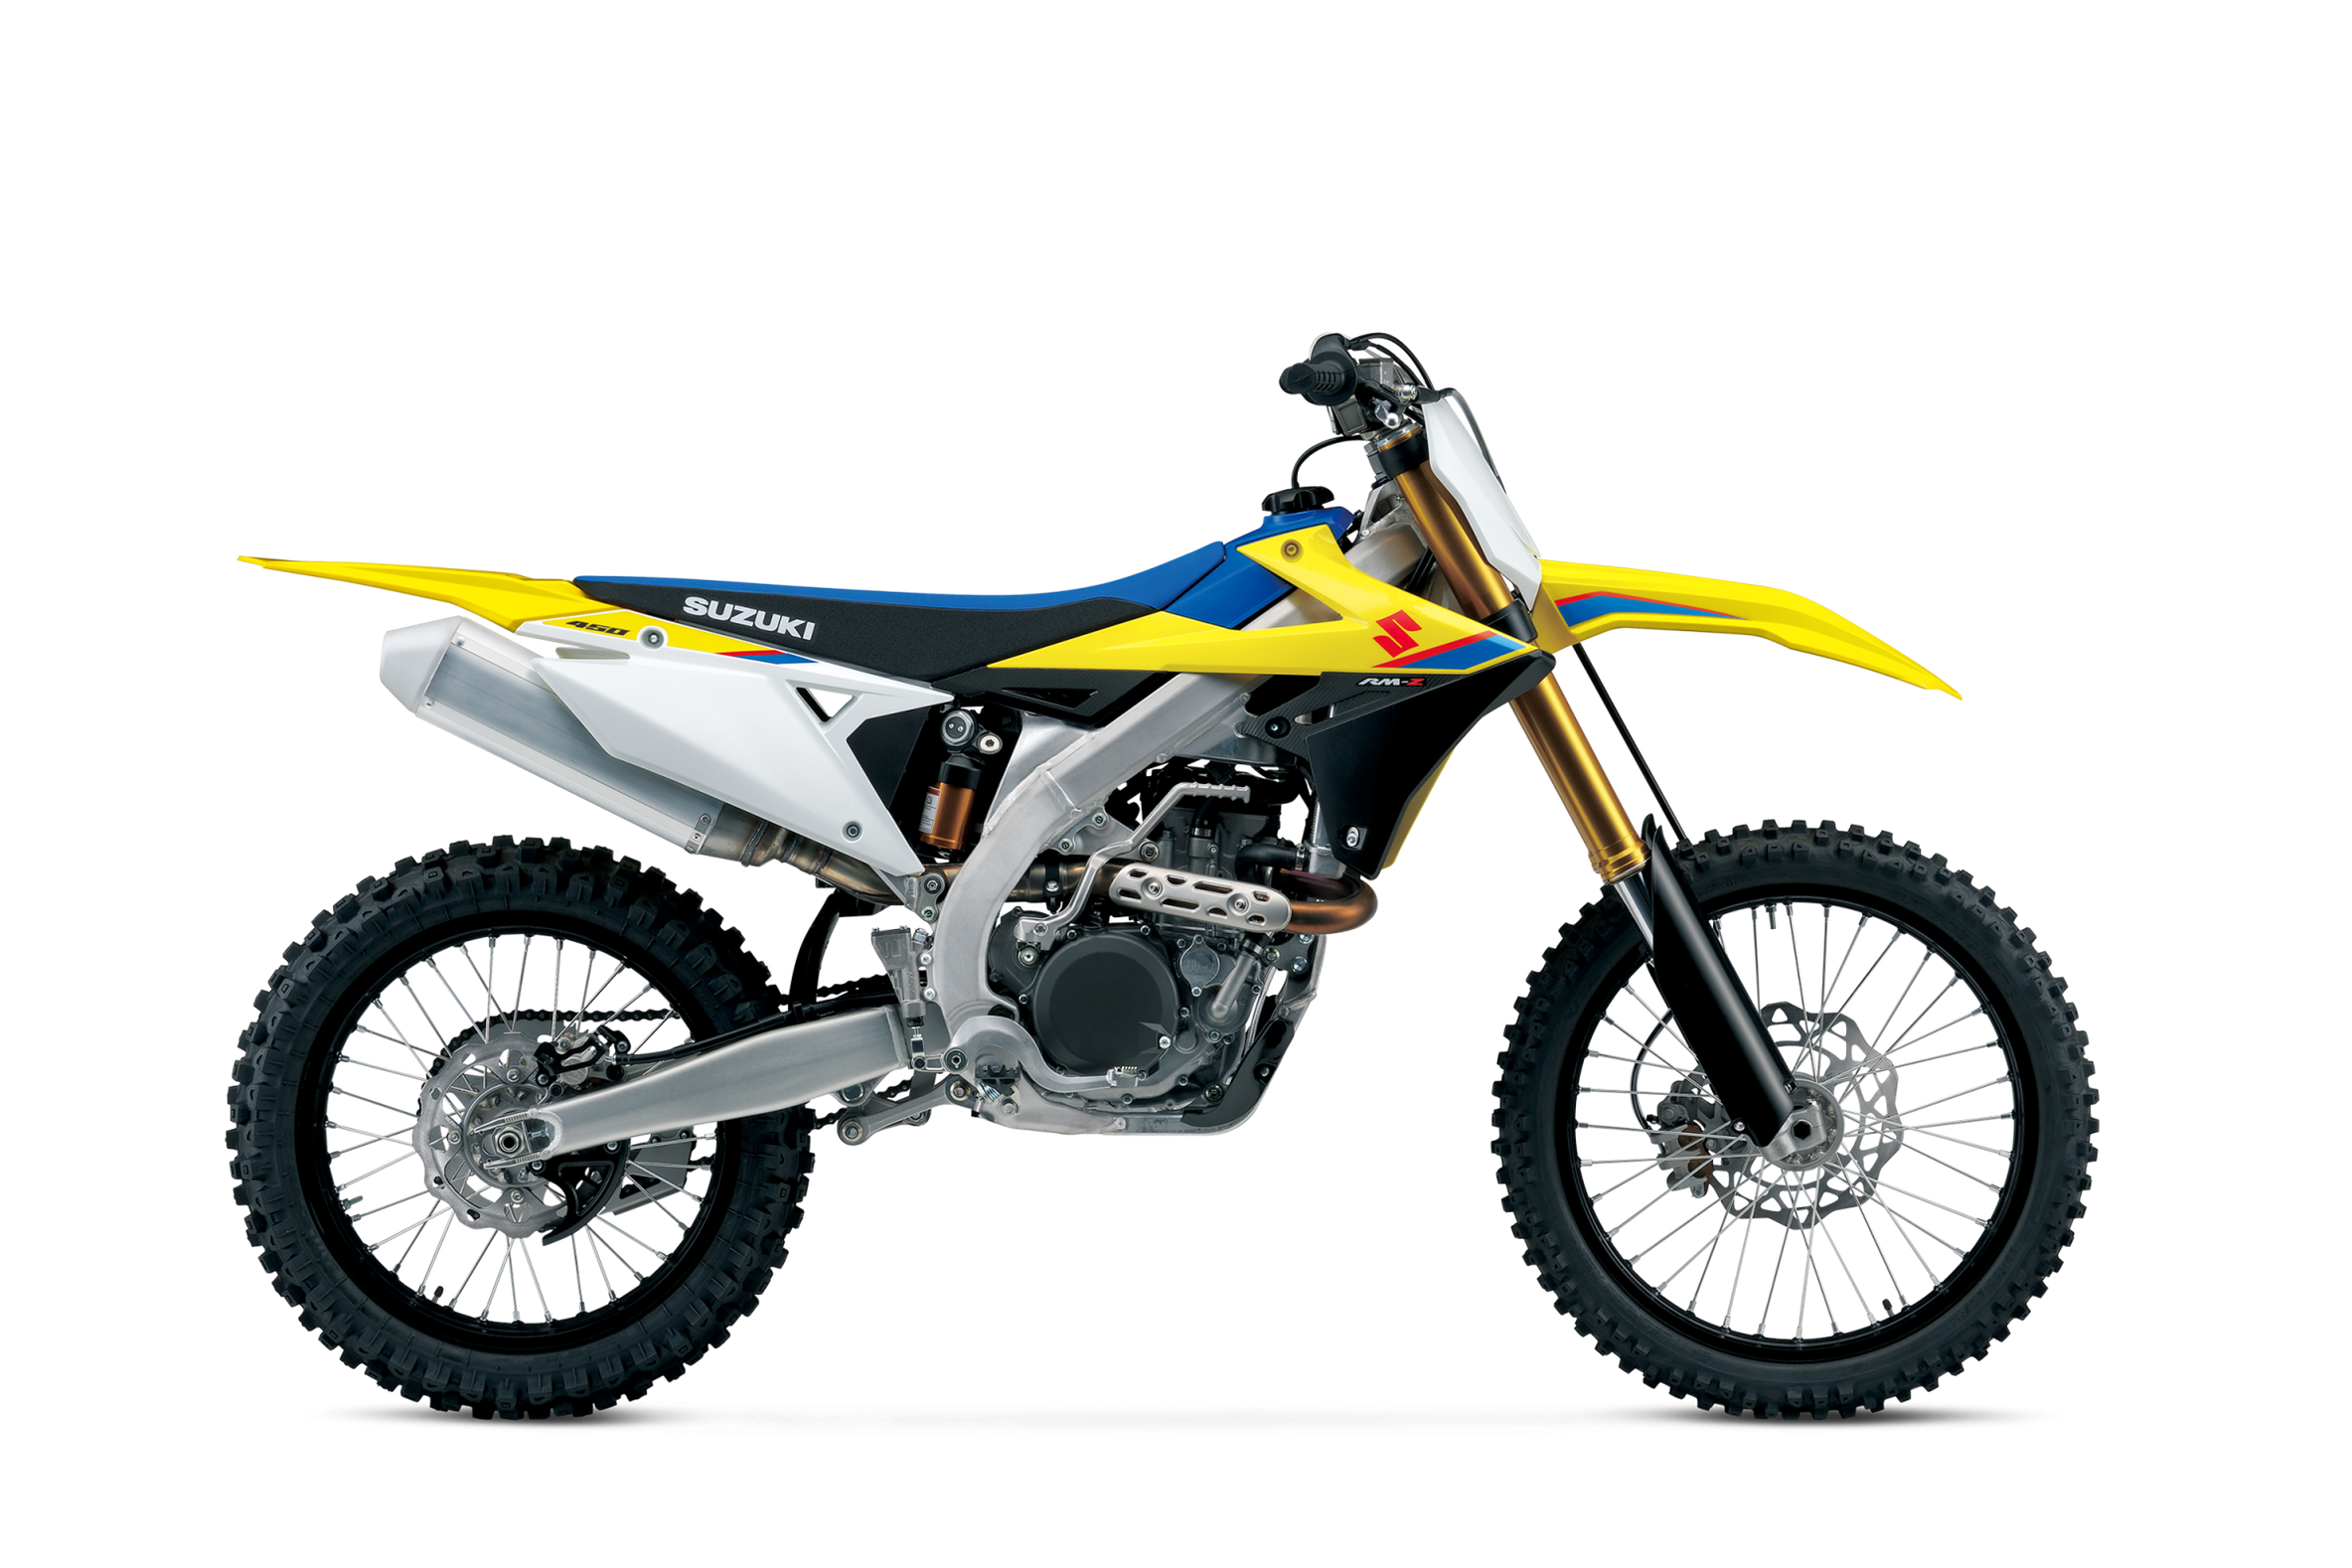 47 Concept of 2019 Suzuki Rm 500 Spy Shoot for 2019 Suzuki Rm 500